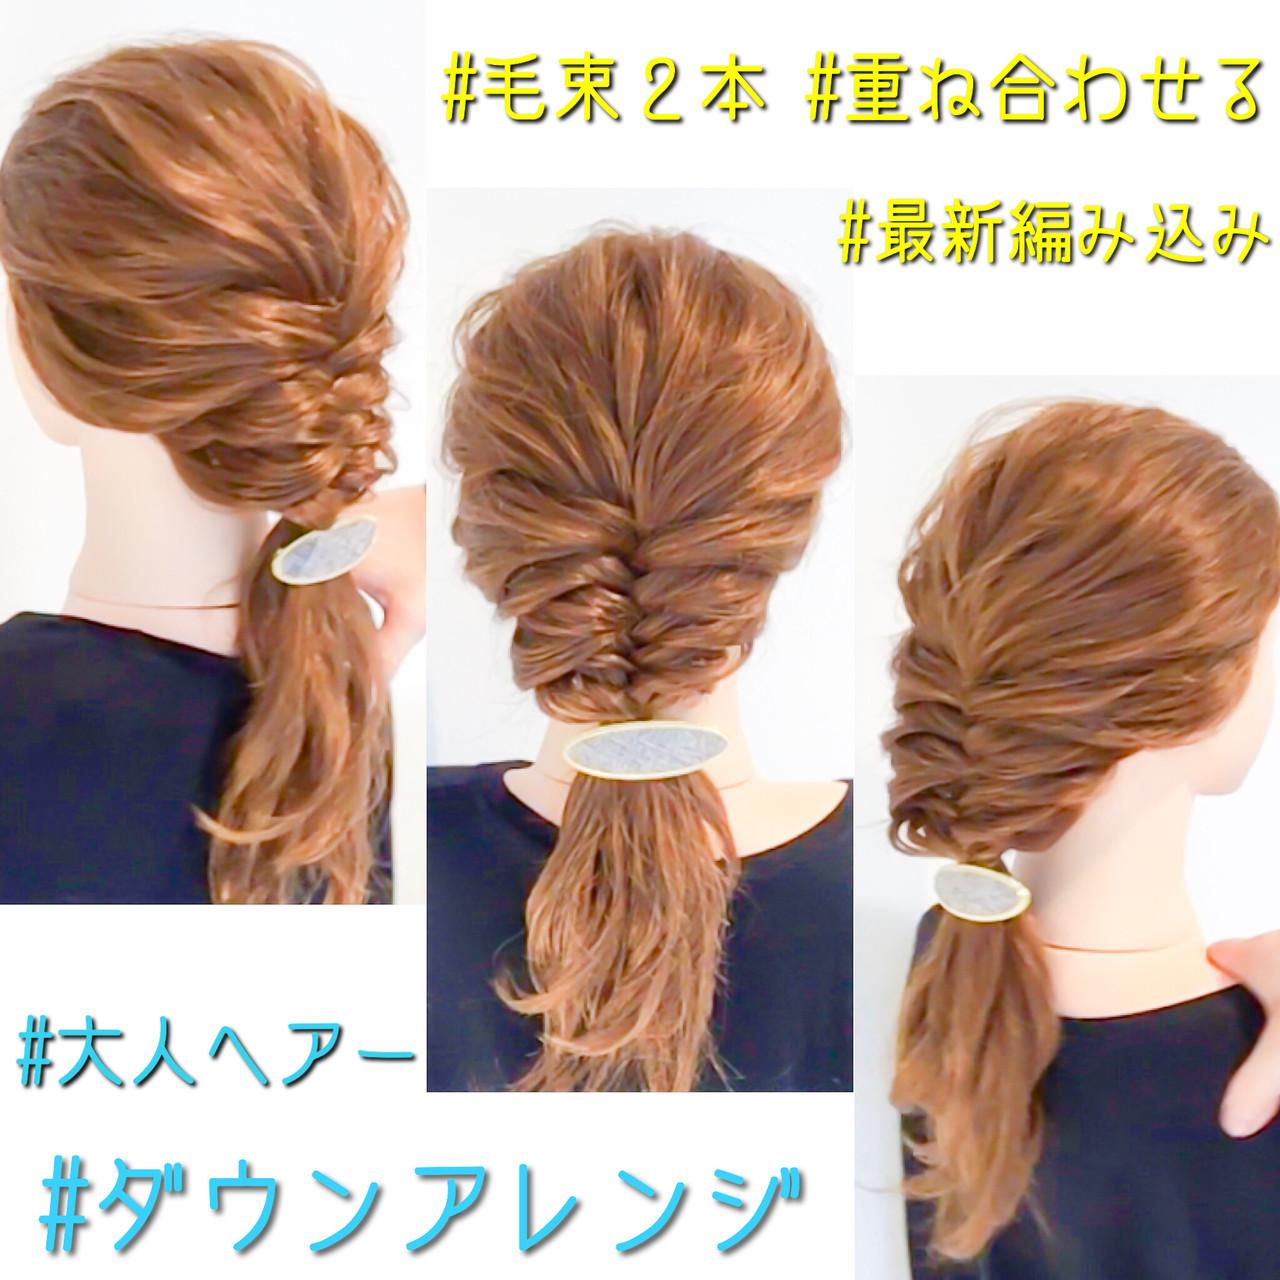 ☆やり方☆ 1.毛束を左右に割ります‼️ 2.割った毛束はそのままで両側を交互にすくってそれぞれ反対側に重ねていきます‼️ 3.ゴムで結んだら完成です‼️